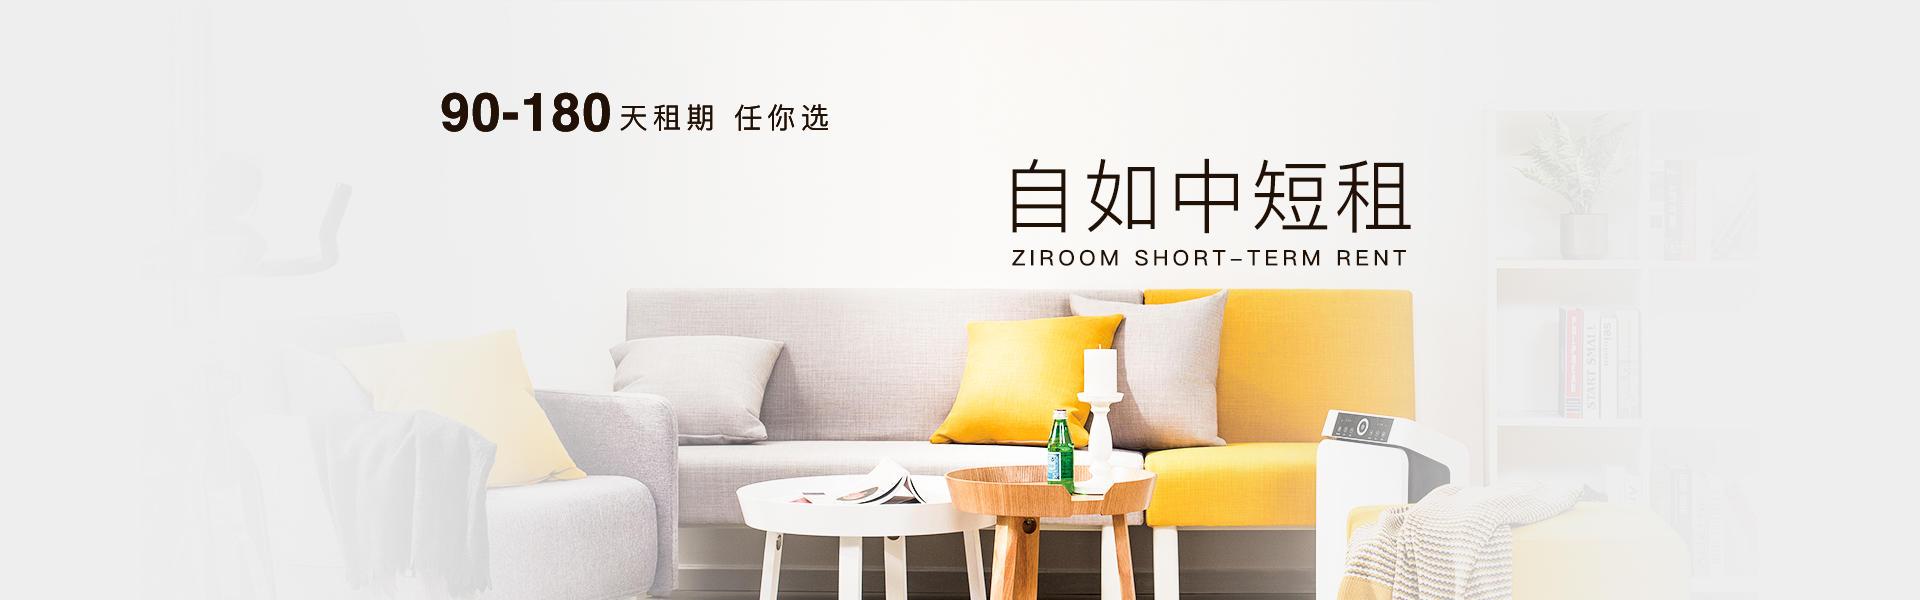 上海租房,上海白领公寓合租|出租,100%实景拍摄【自如网】